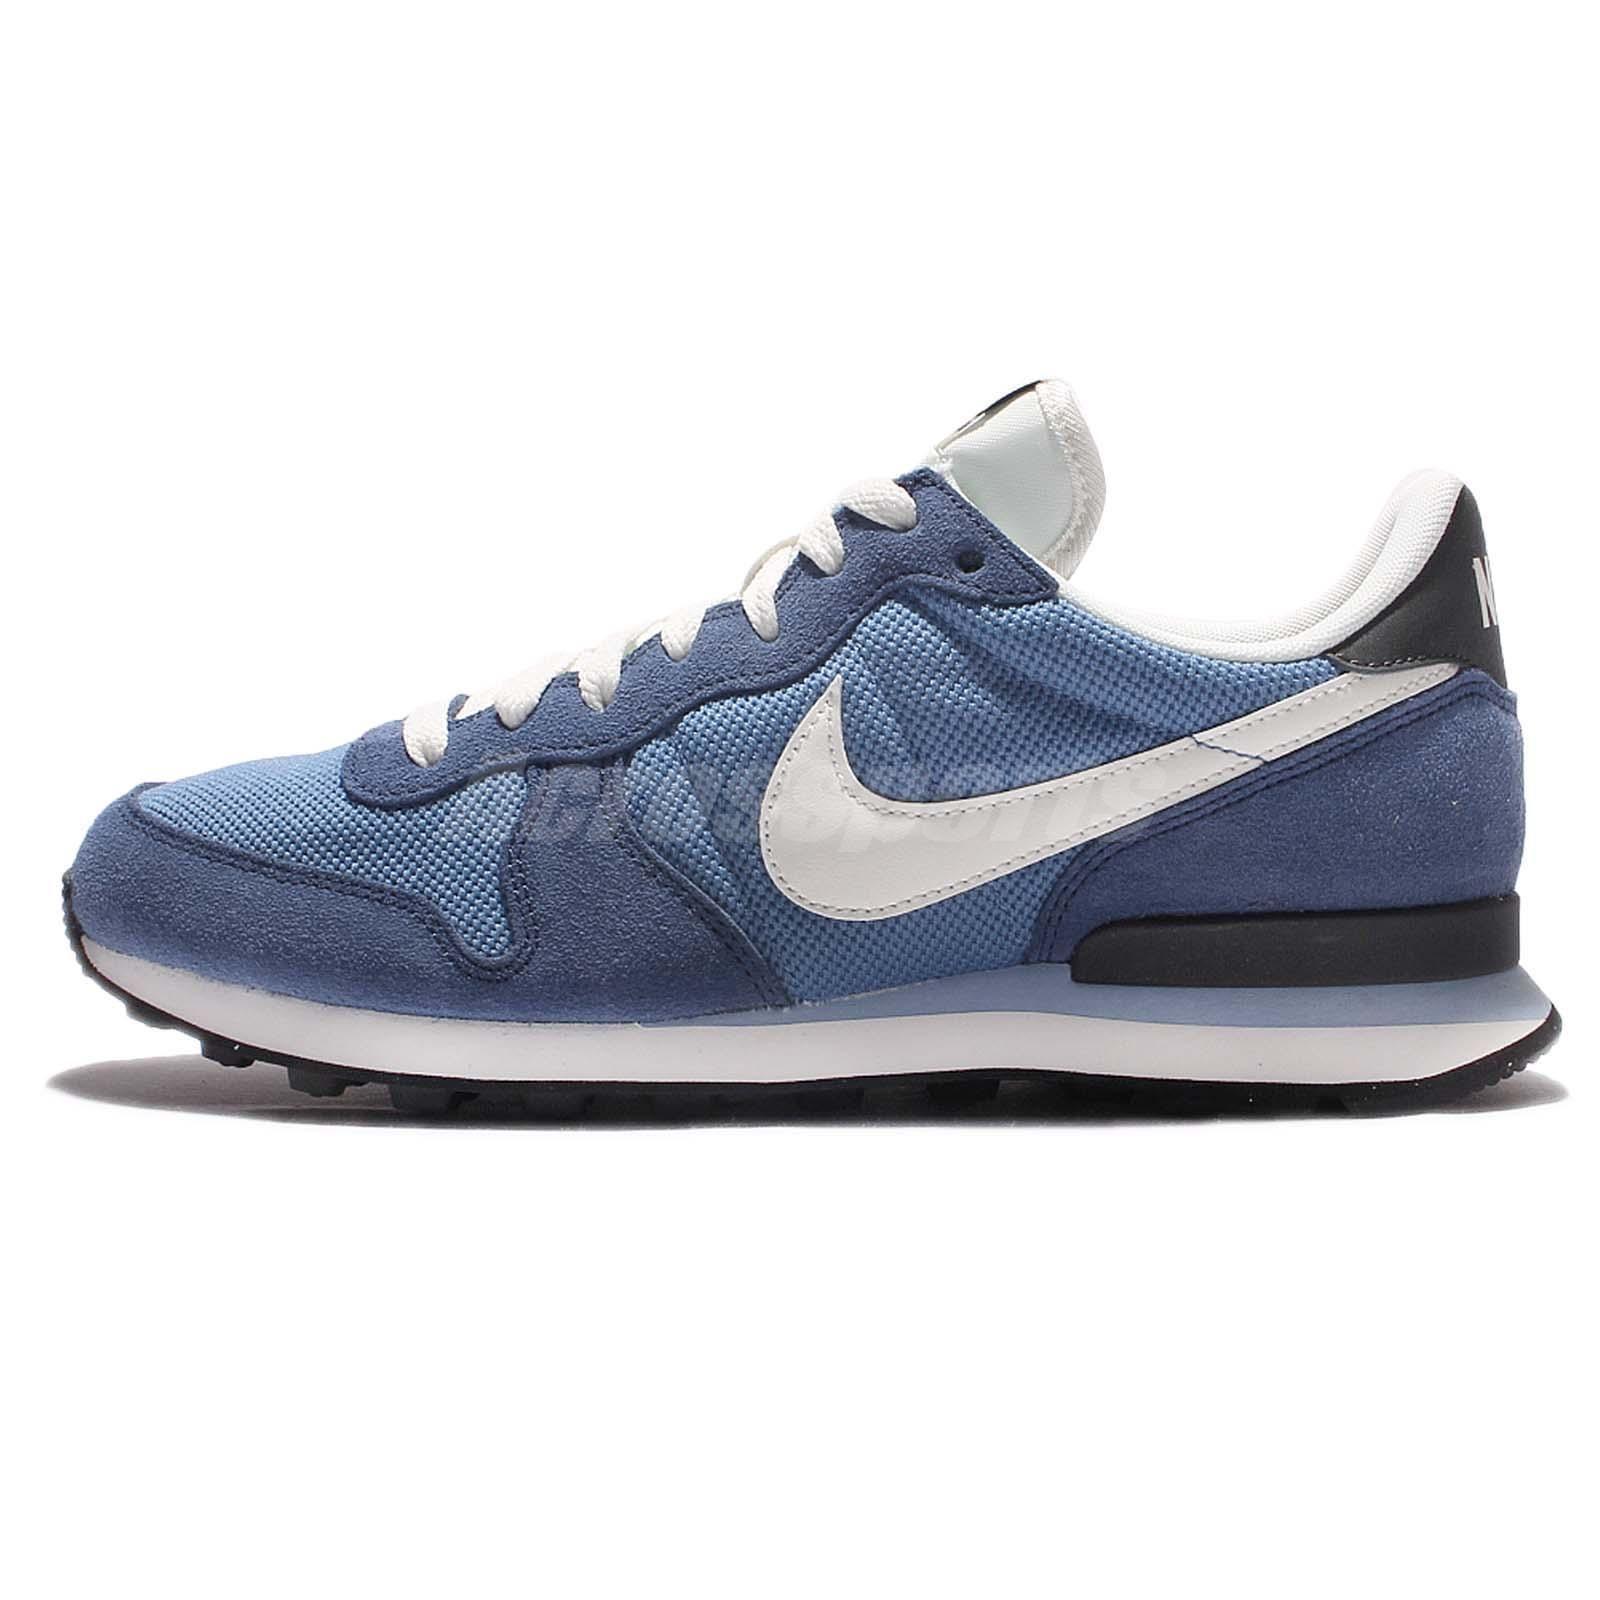 buy online 96f9b eff6c Nike Internationalist Suede   JCRD Mens Vintage Running Shoes Sneakers Pick  1   eBay